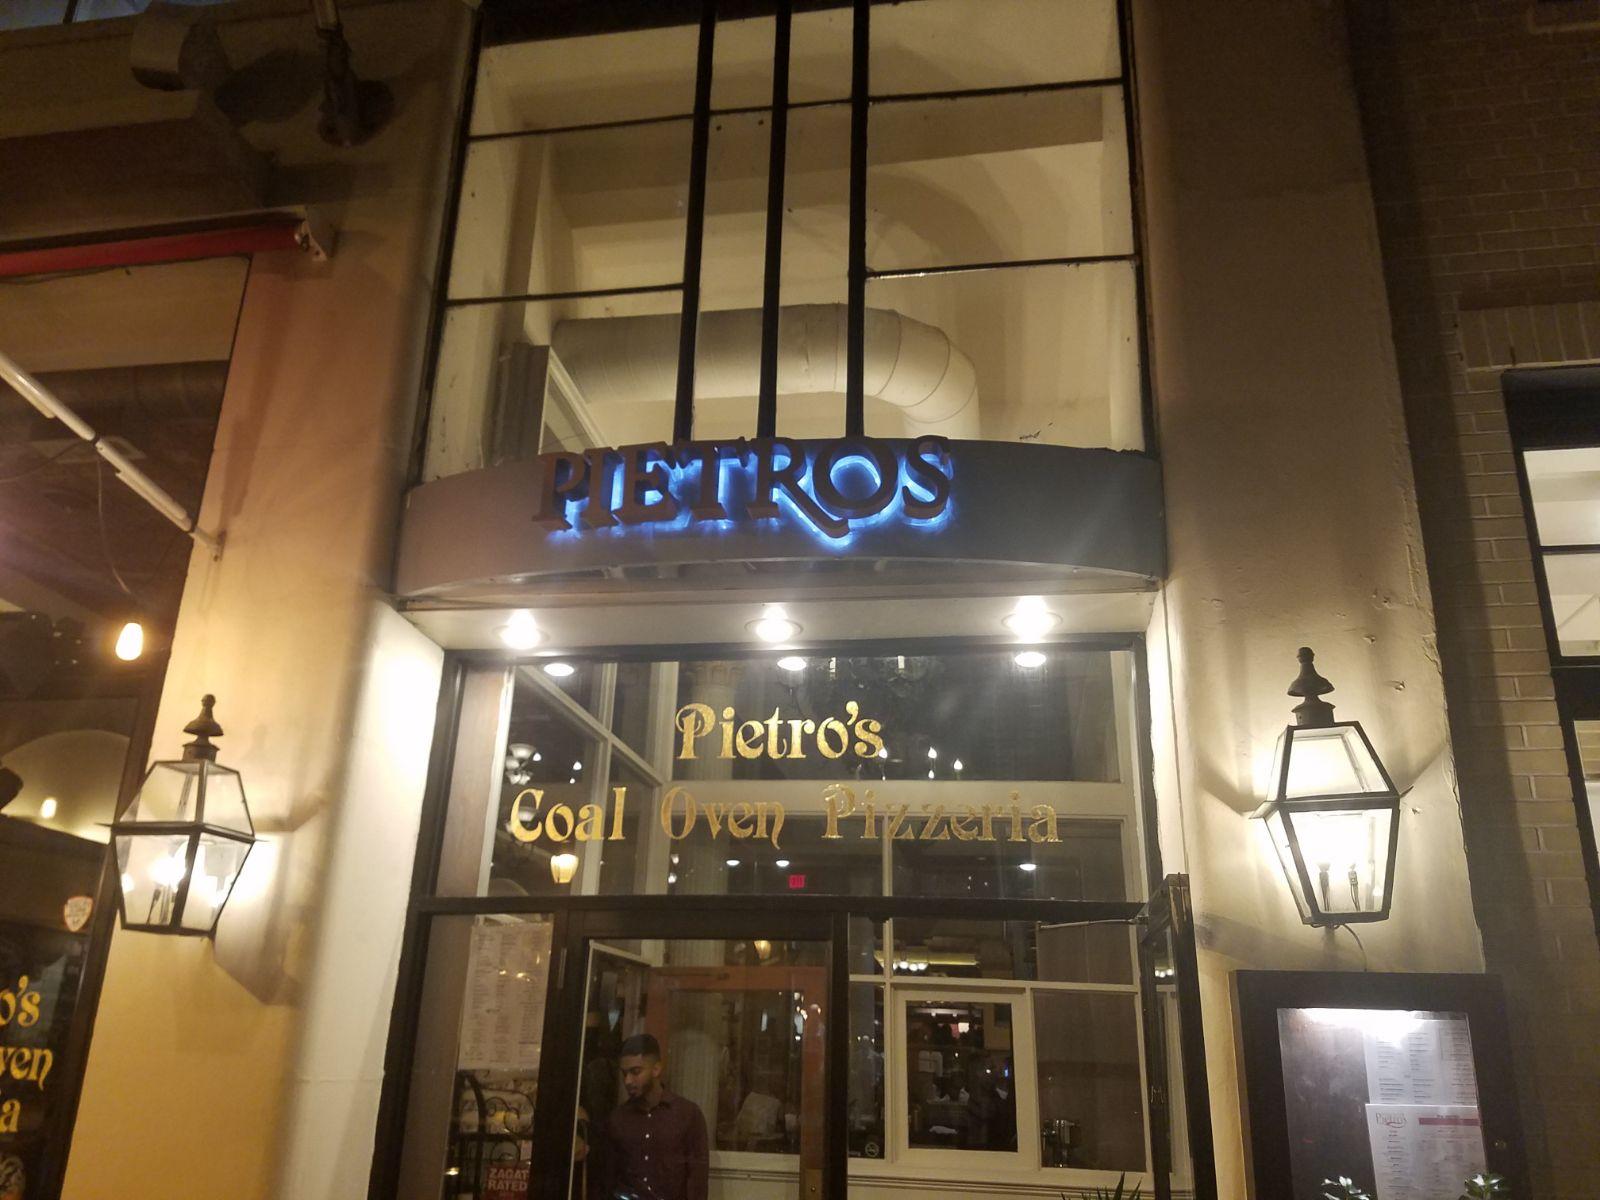 Pietros Pizza